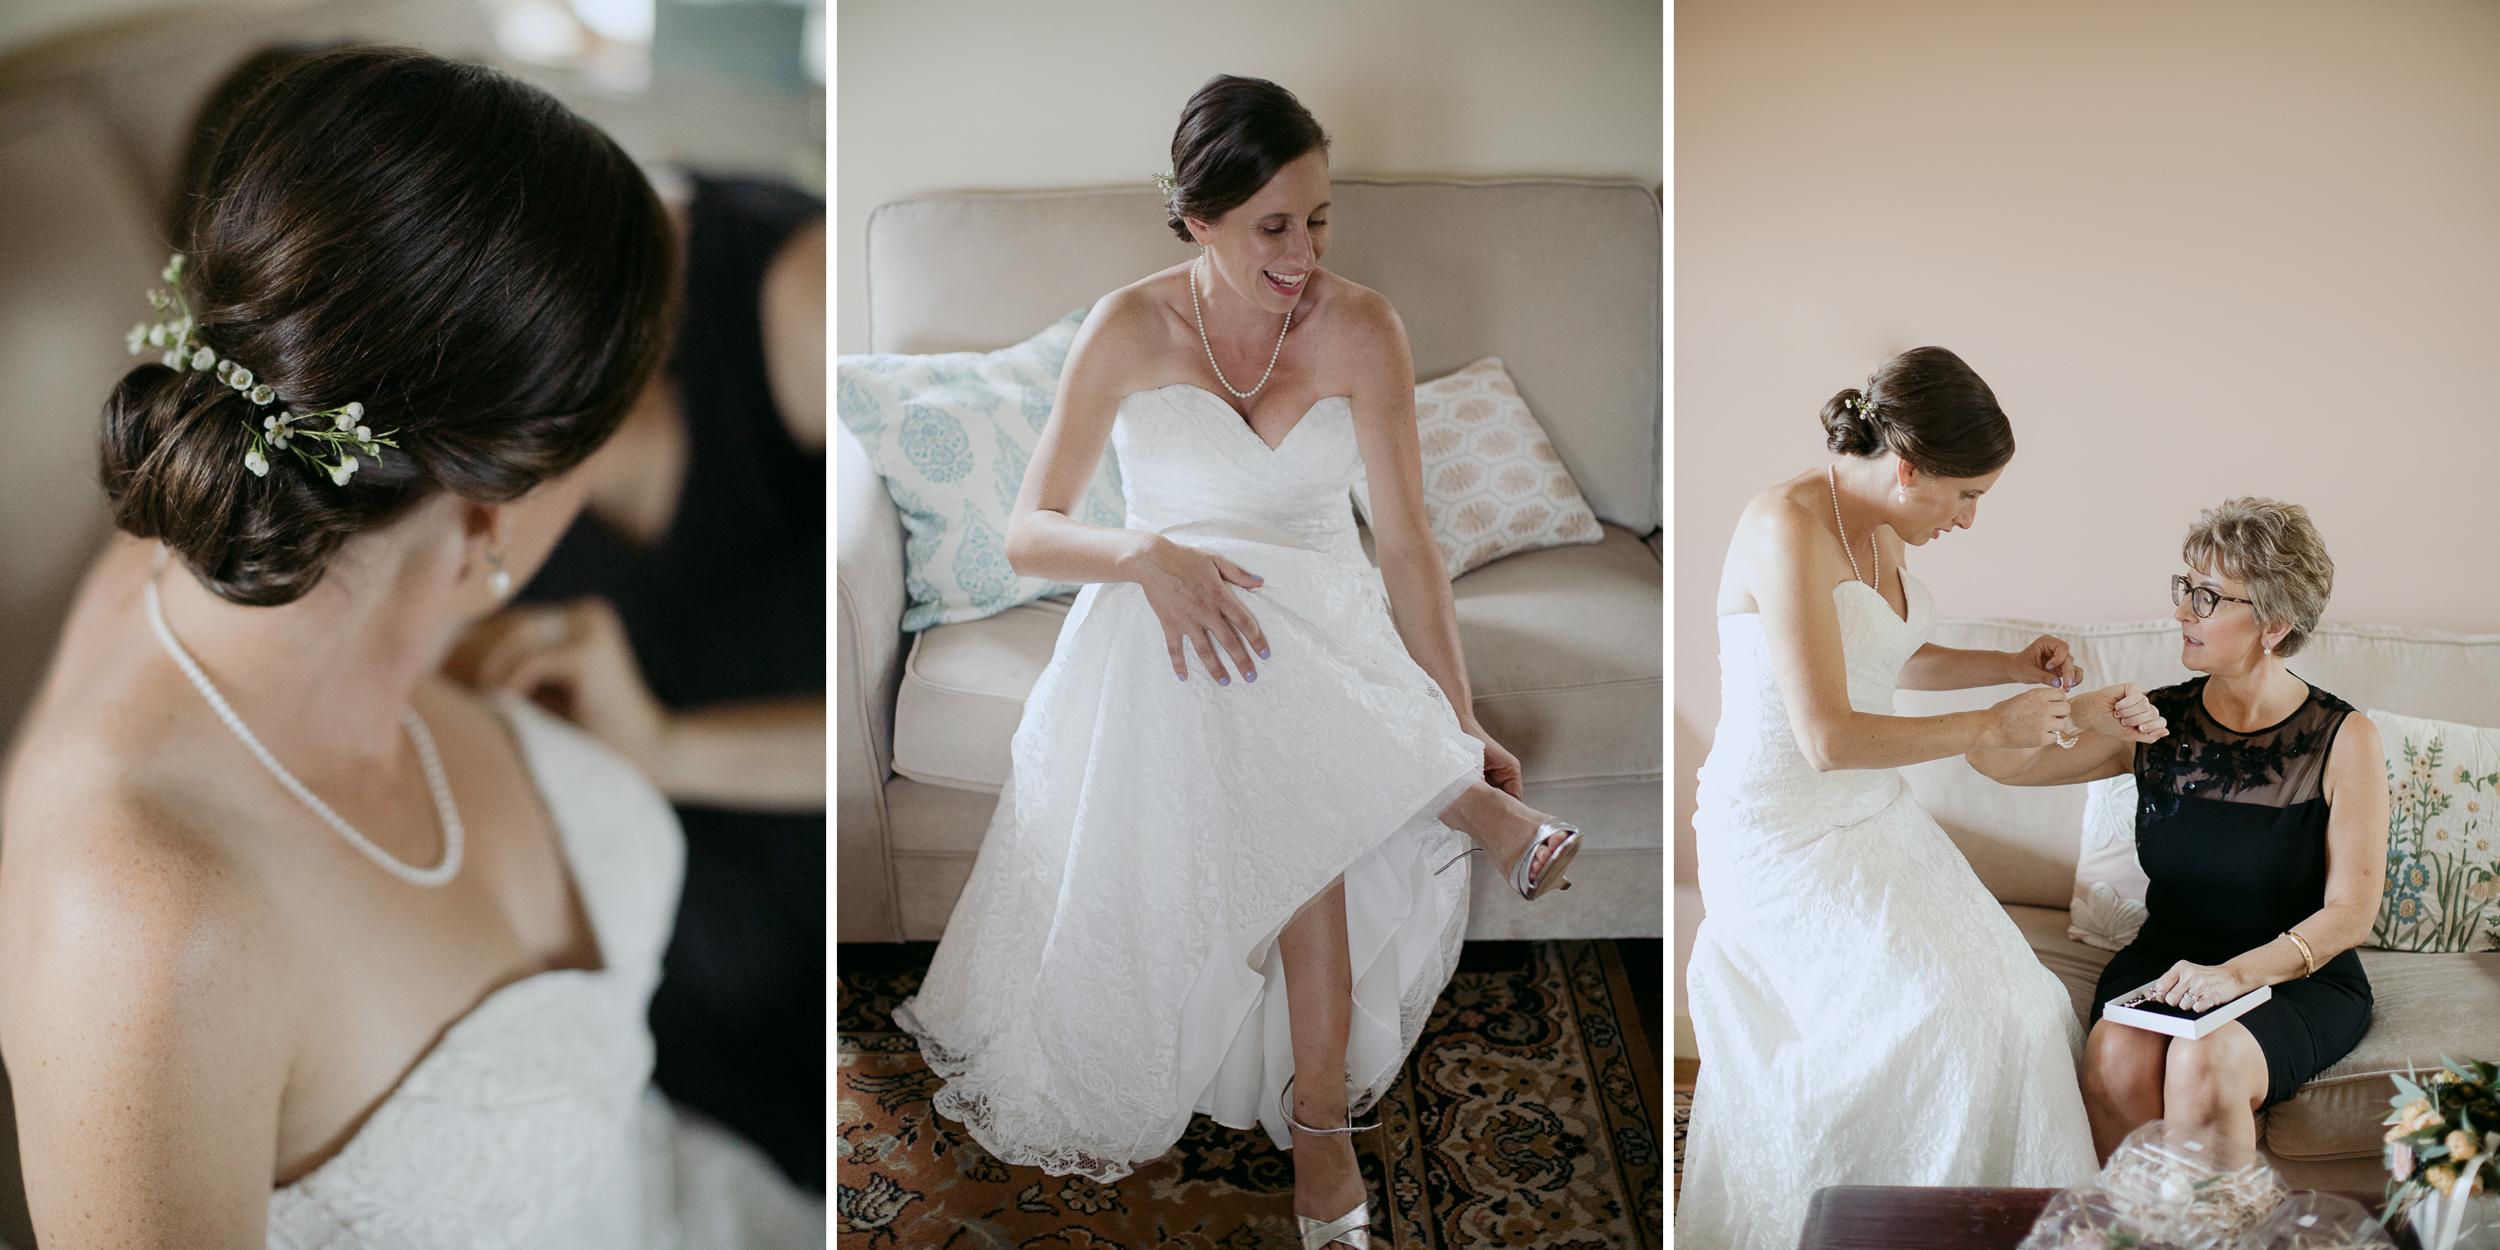 william_allen_farm_pownal_wedding_maine_michelleben-3.jpg